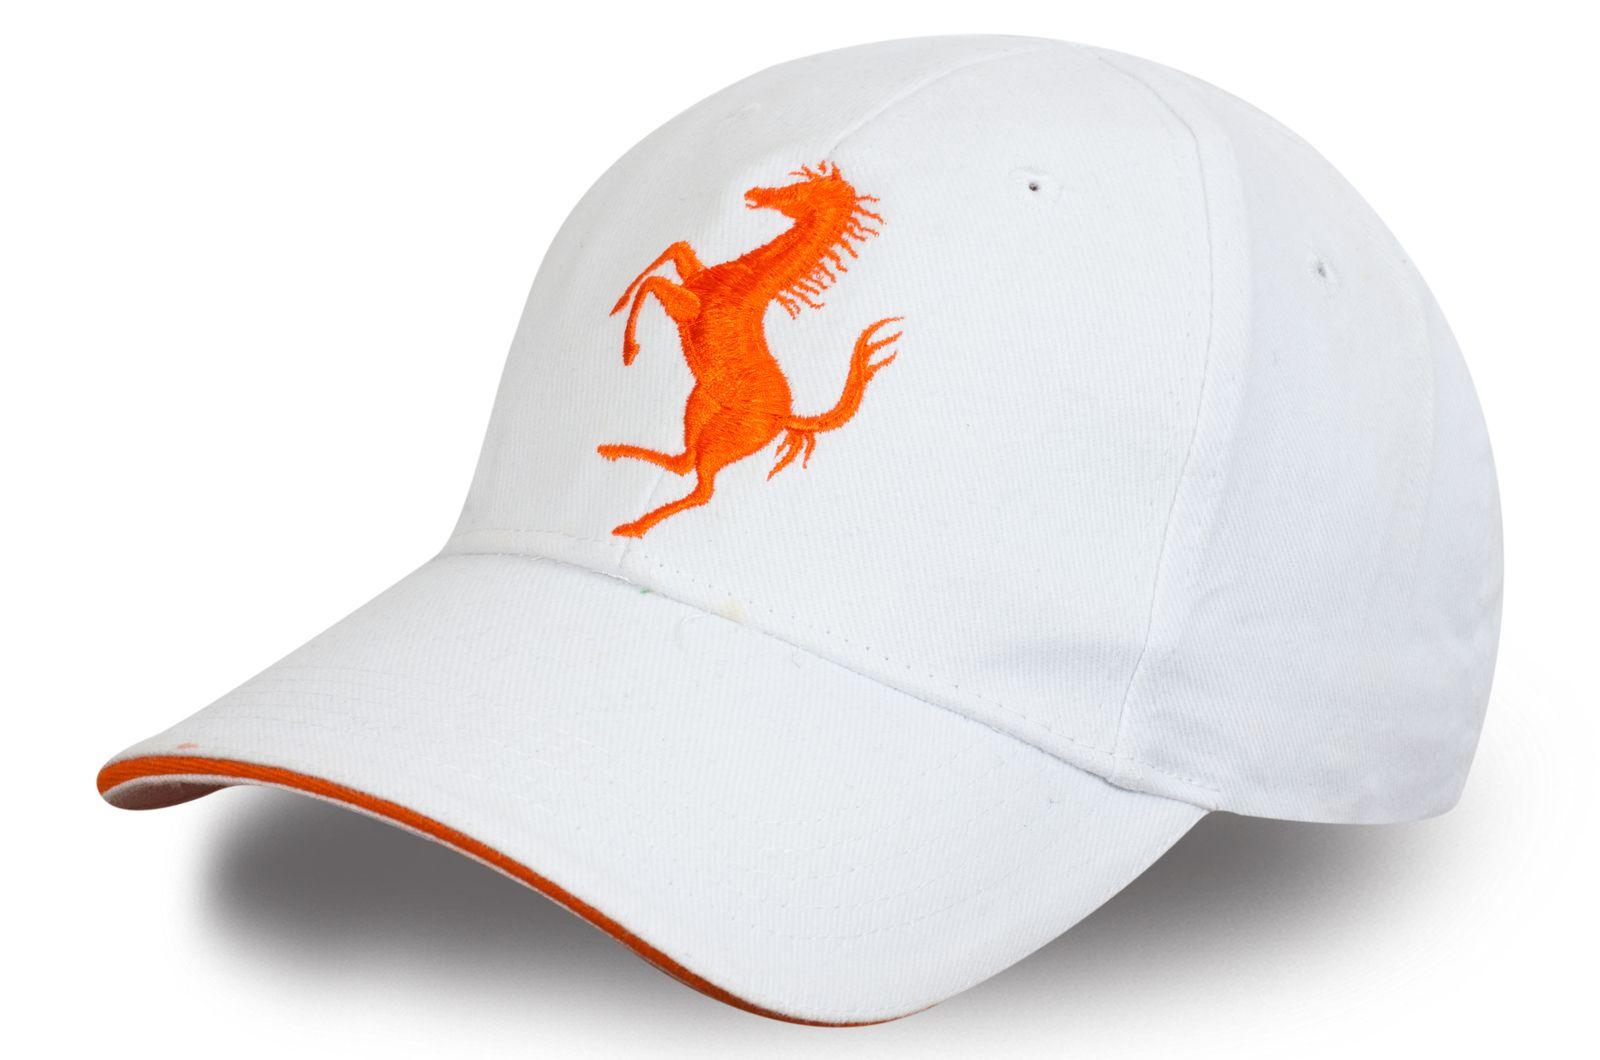 Бейсболка с логотипом Ferrari - купить в интернет-магазине